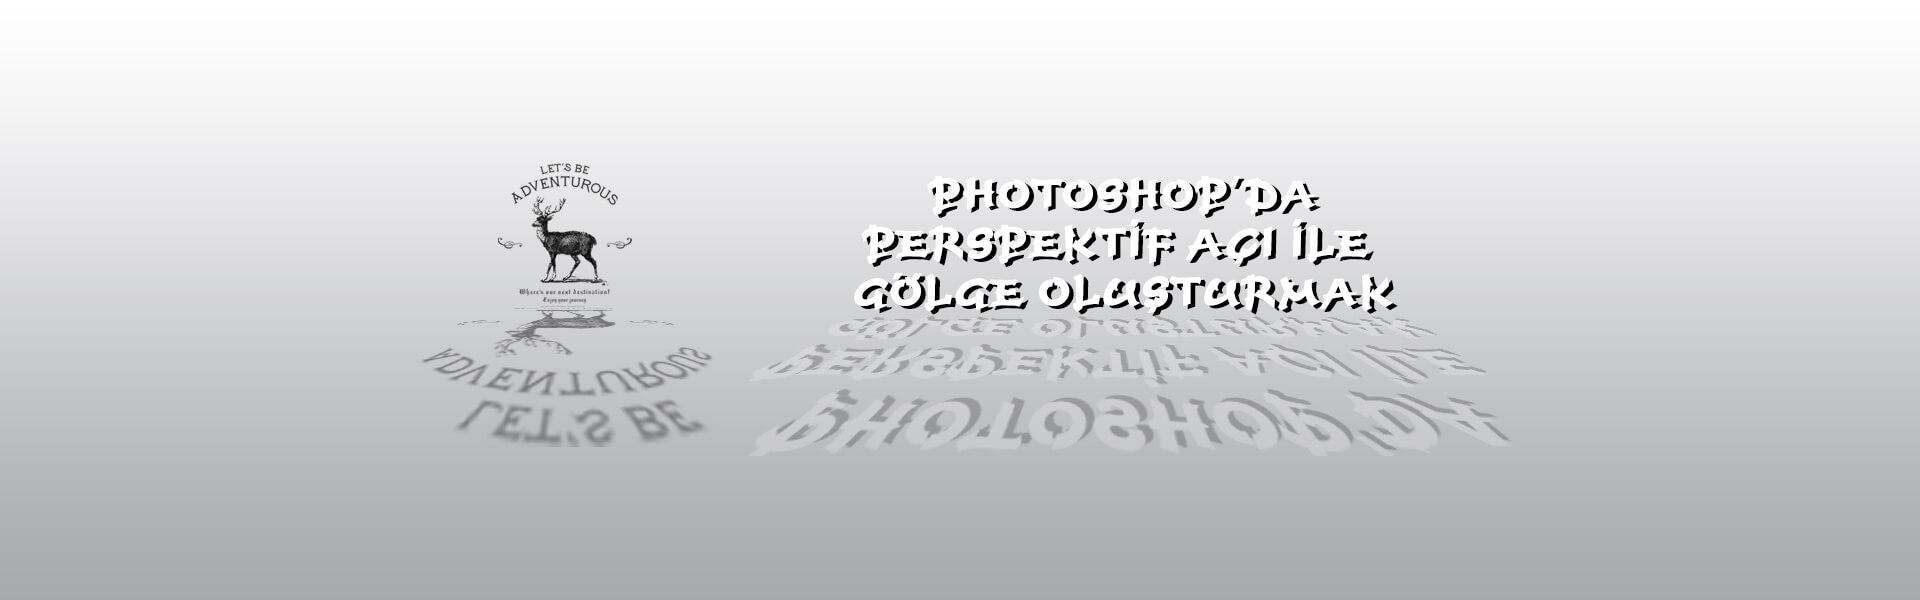 Photo of Photoshop'da Perspektif Açı ile Gölge Oluşturmak